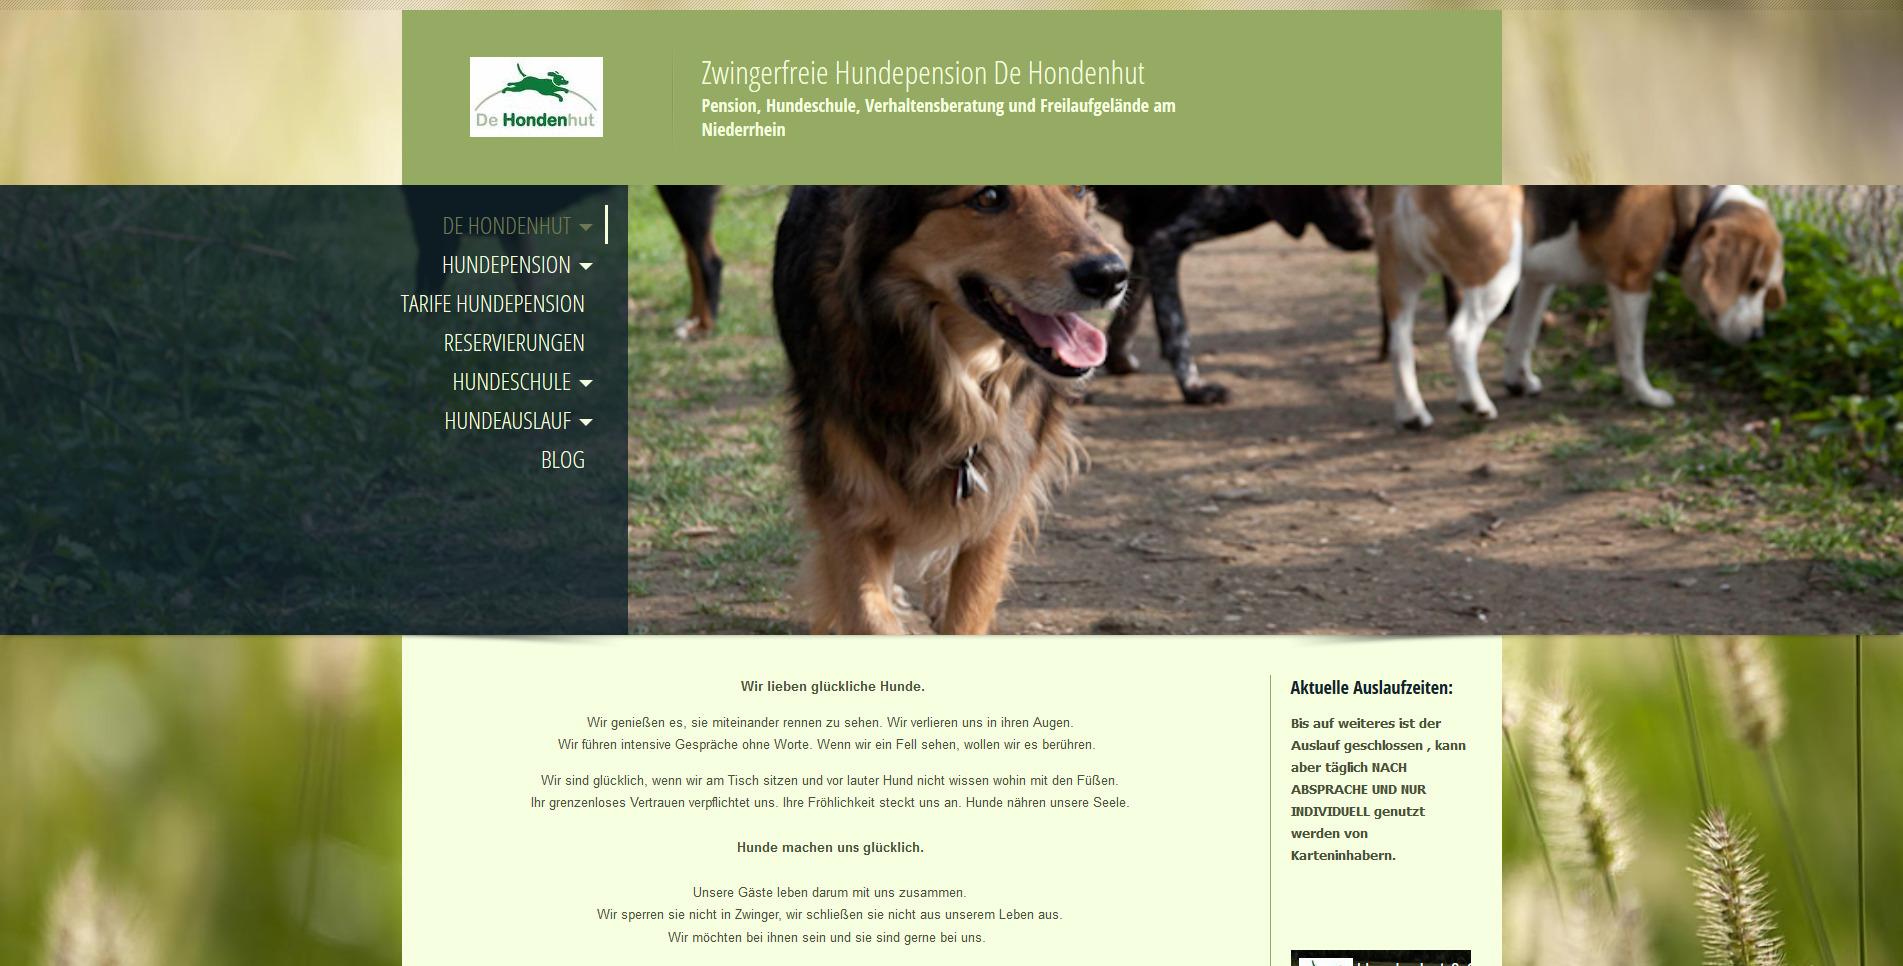 Hundepension De Hondenhut